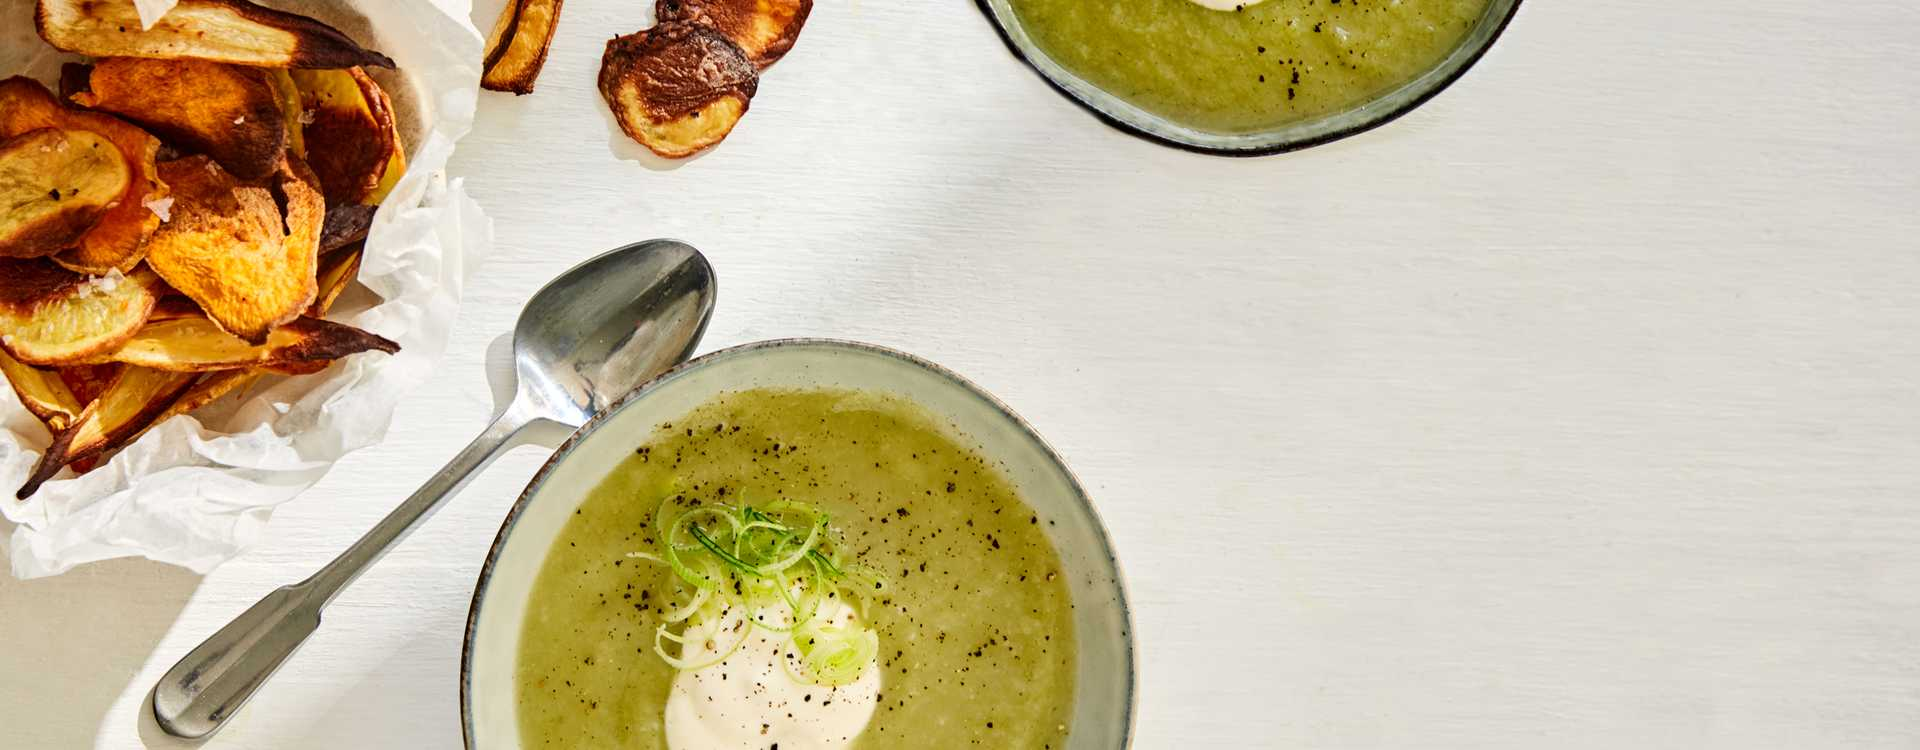 Kremet suppe av potet, sellerirot og pastinakk med rotgrønnsakschips